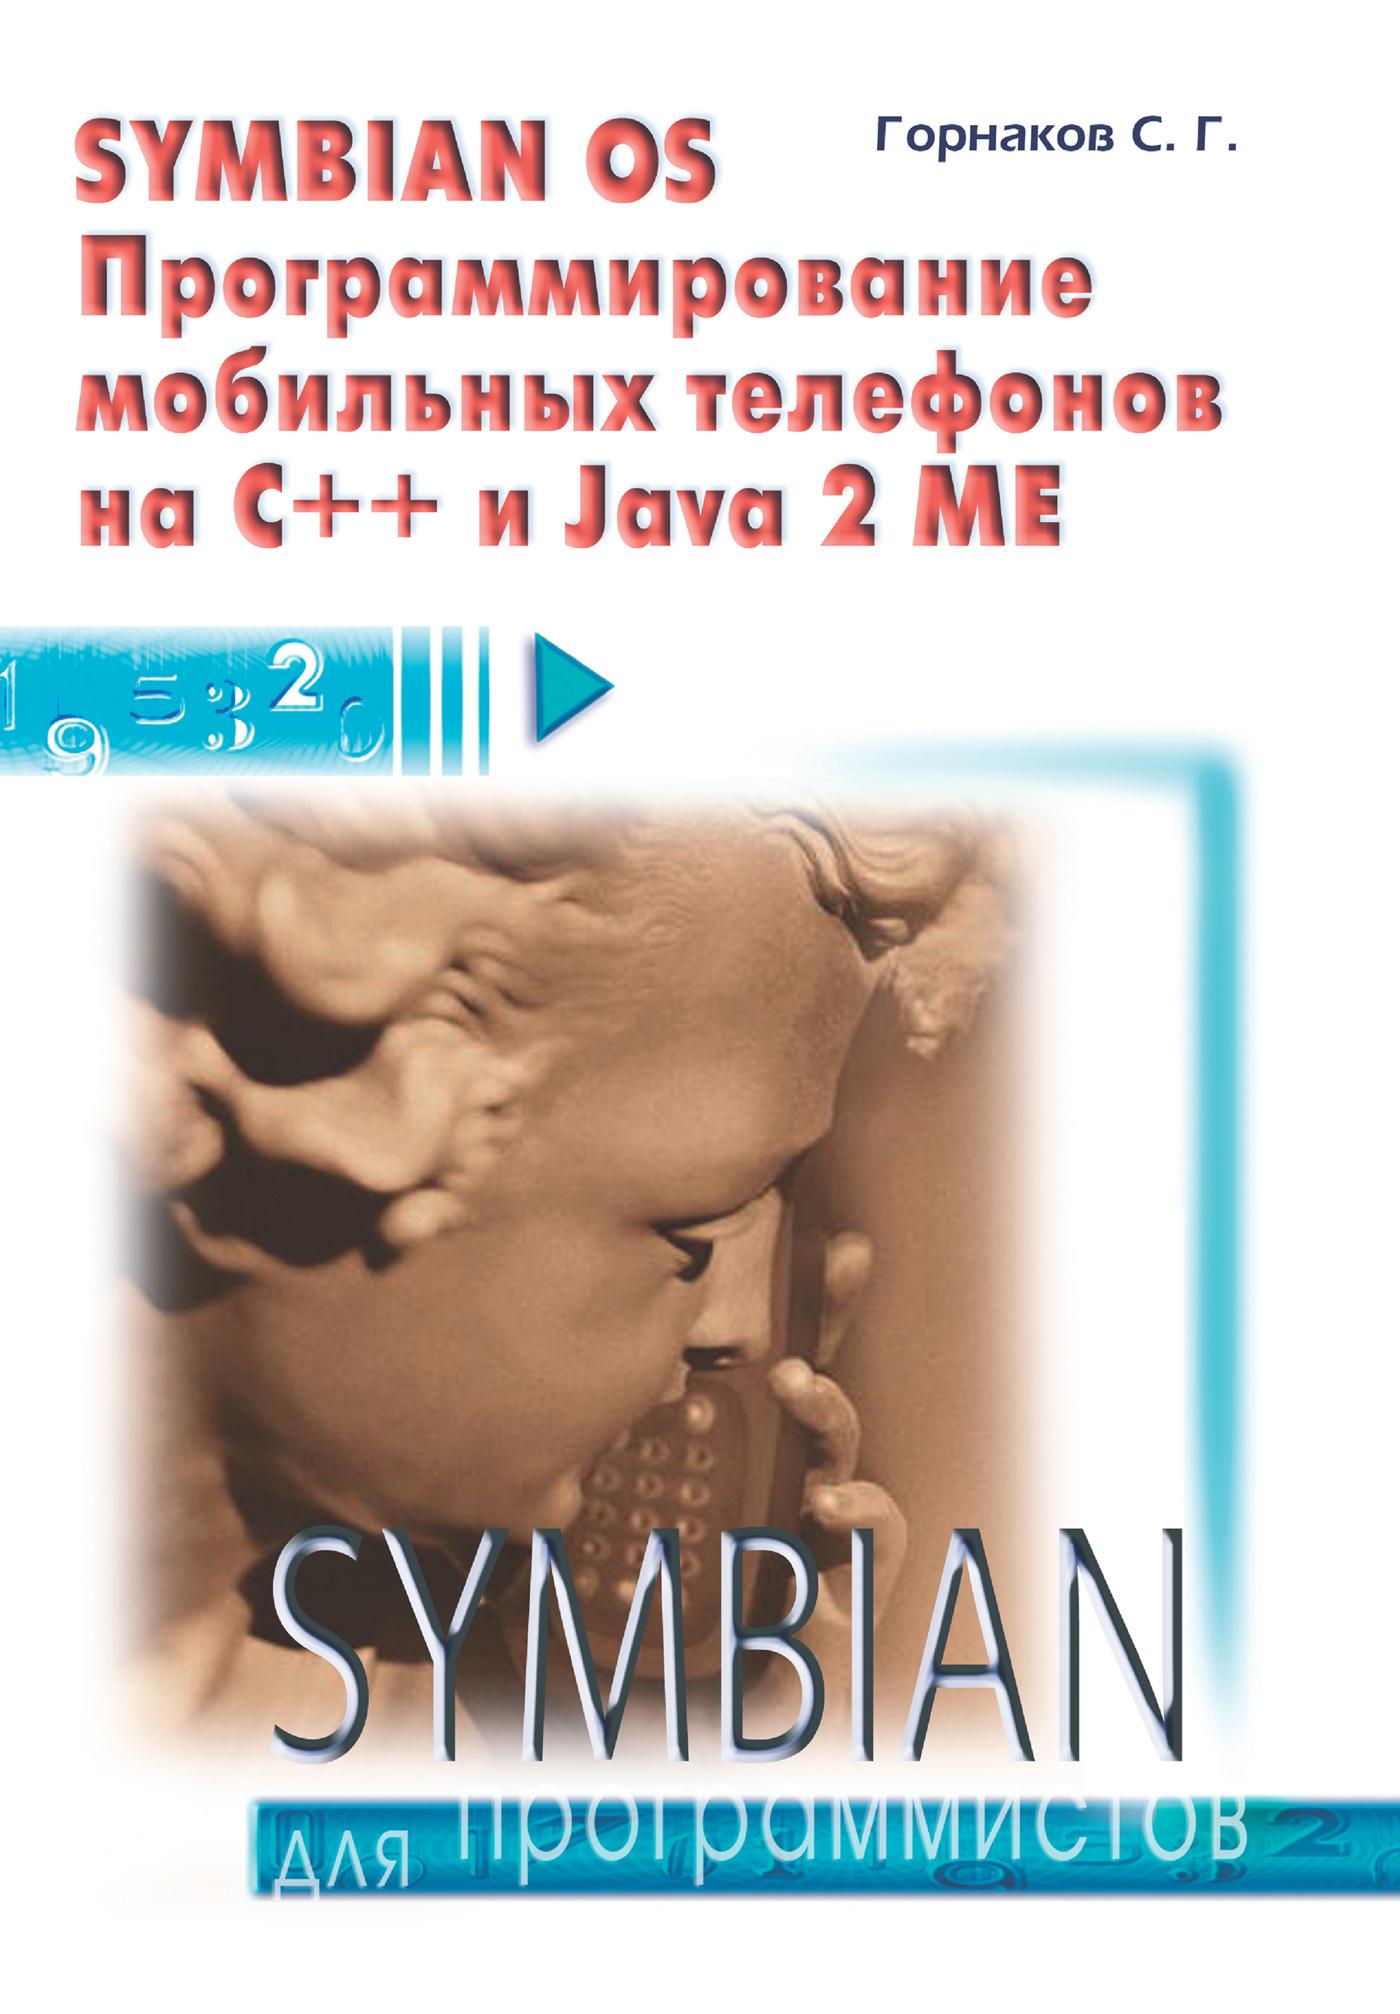 Станислав Горнаков Symbian OS. Программирование мобильных телефонов на C++ и Java 2 ME станислав горнаков самоучитель работы на смартфонах и коммуникаторах под управлением symbian os